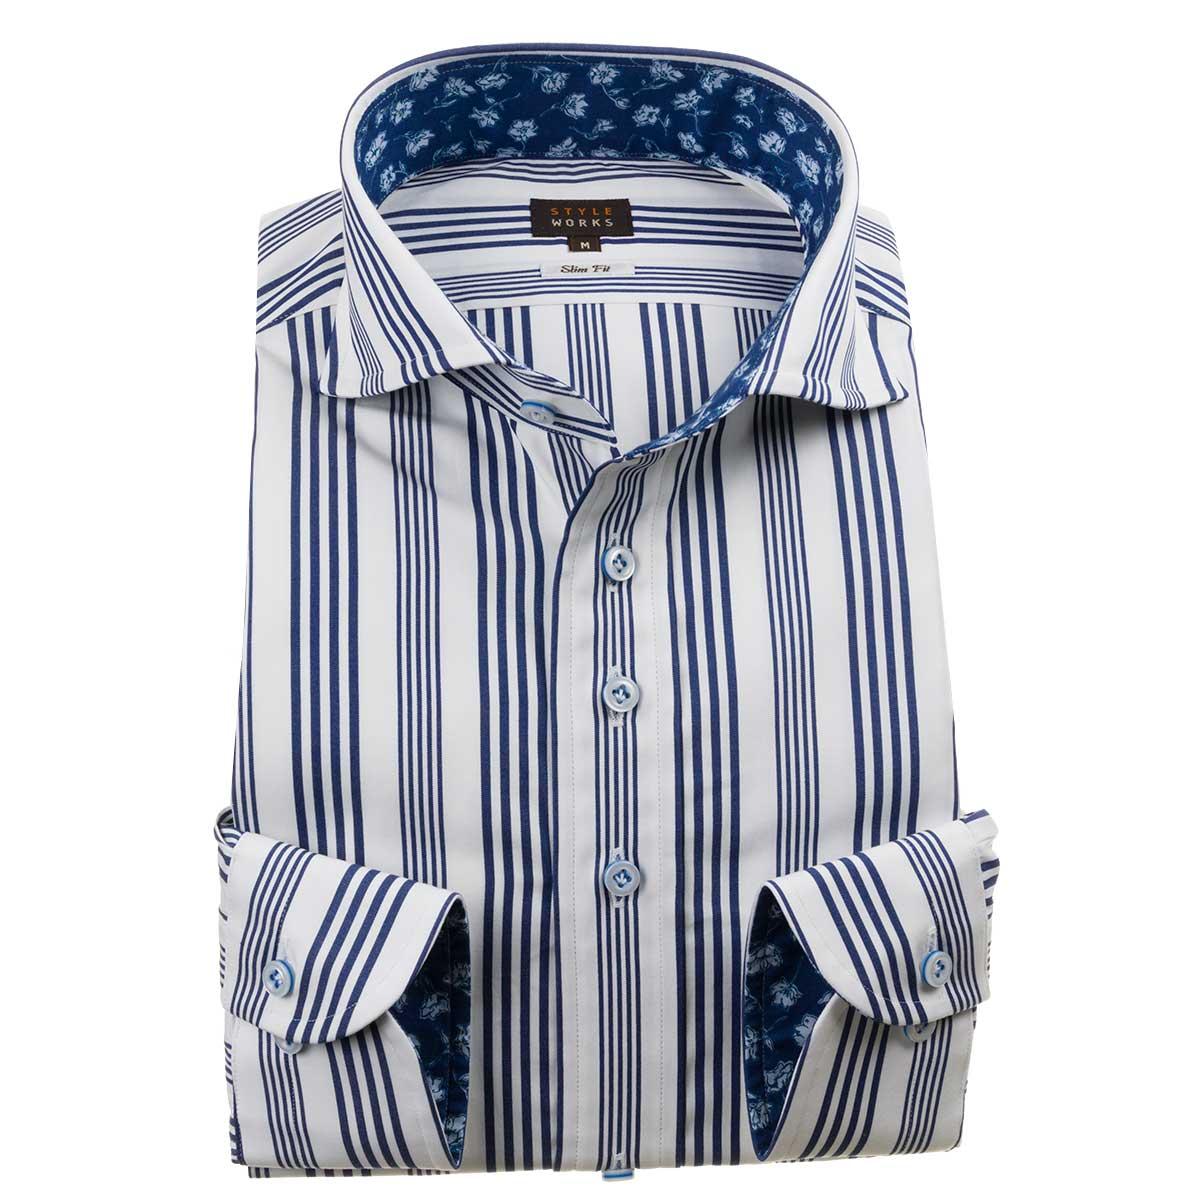 ドレスシャツ ワイシャツ シャツ メンズ 国産 長袖 綿100% スリムフィット カッタウェイワイド ホワイト ネイビー オルタネイトストライプ【Sサイズ・裄丈81cm】